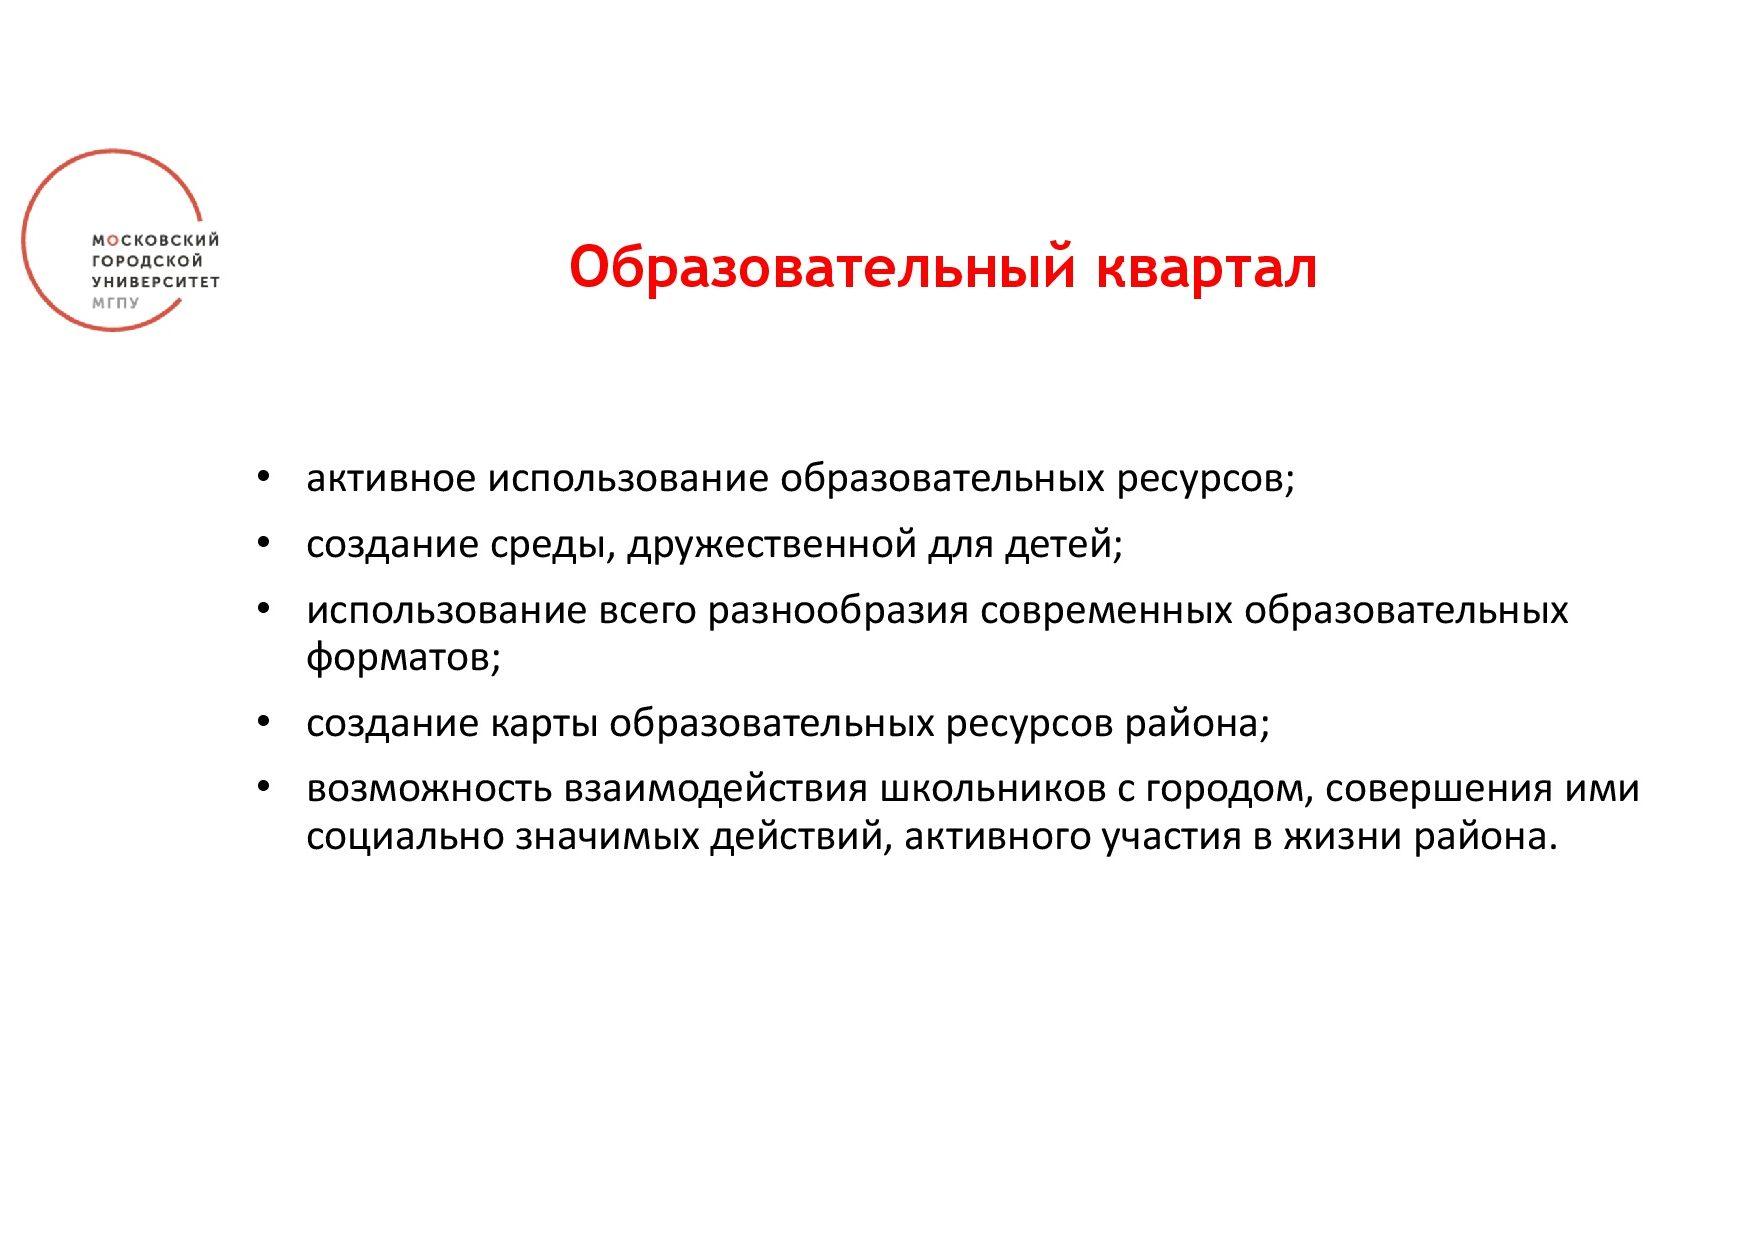 Презентация на МГК -Иванова ЕВ-030